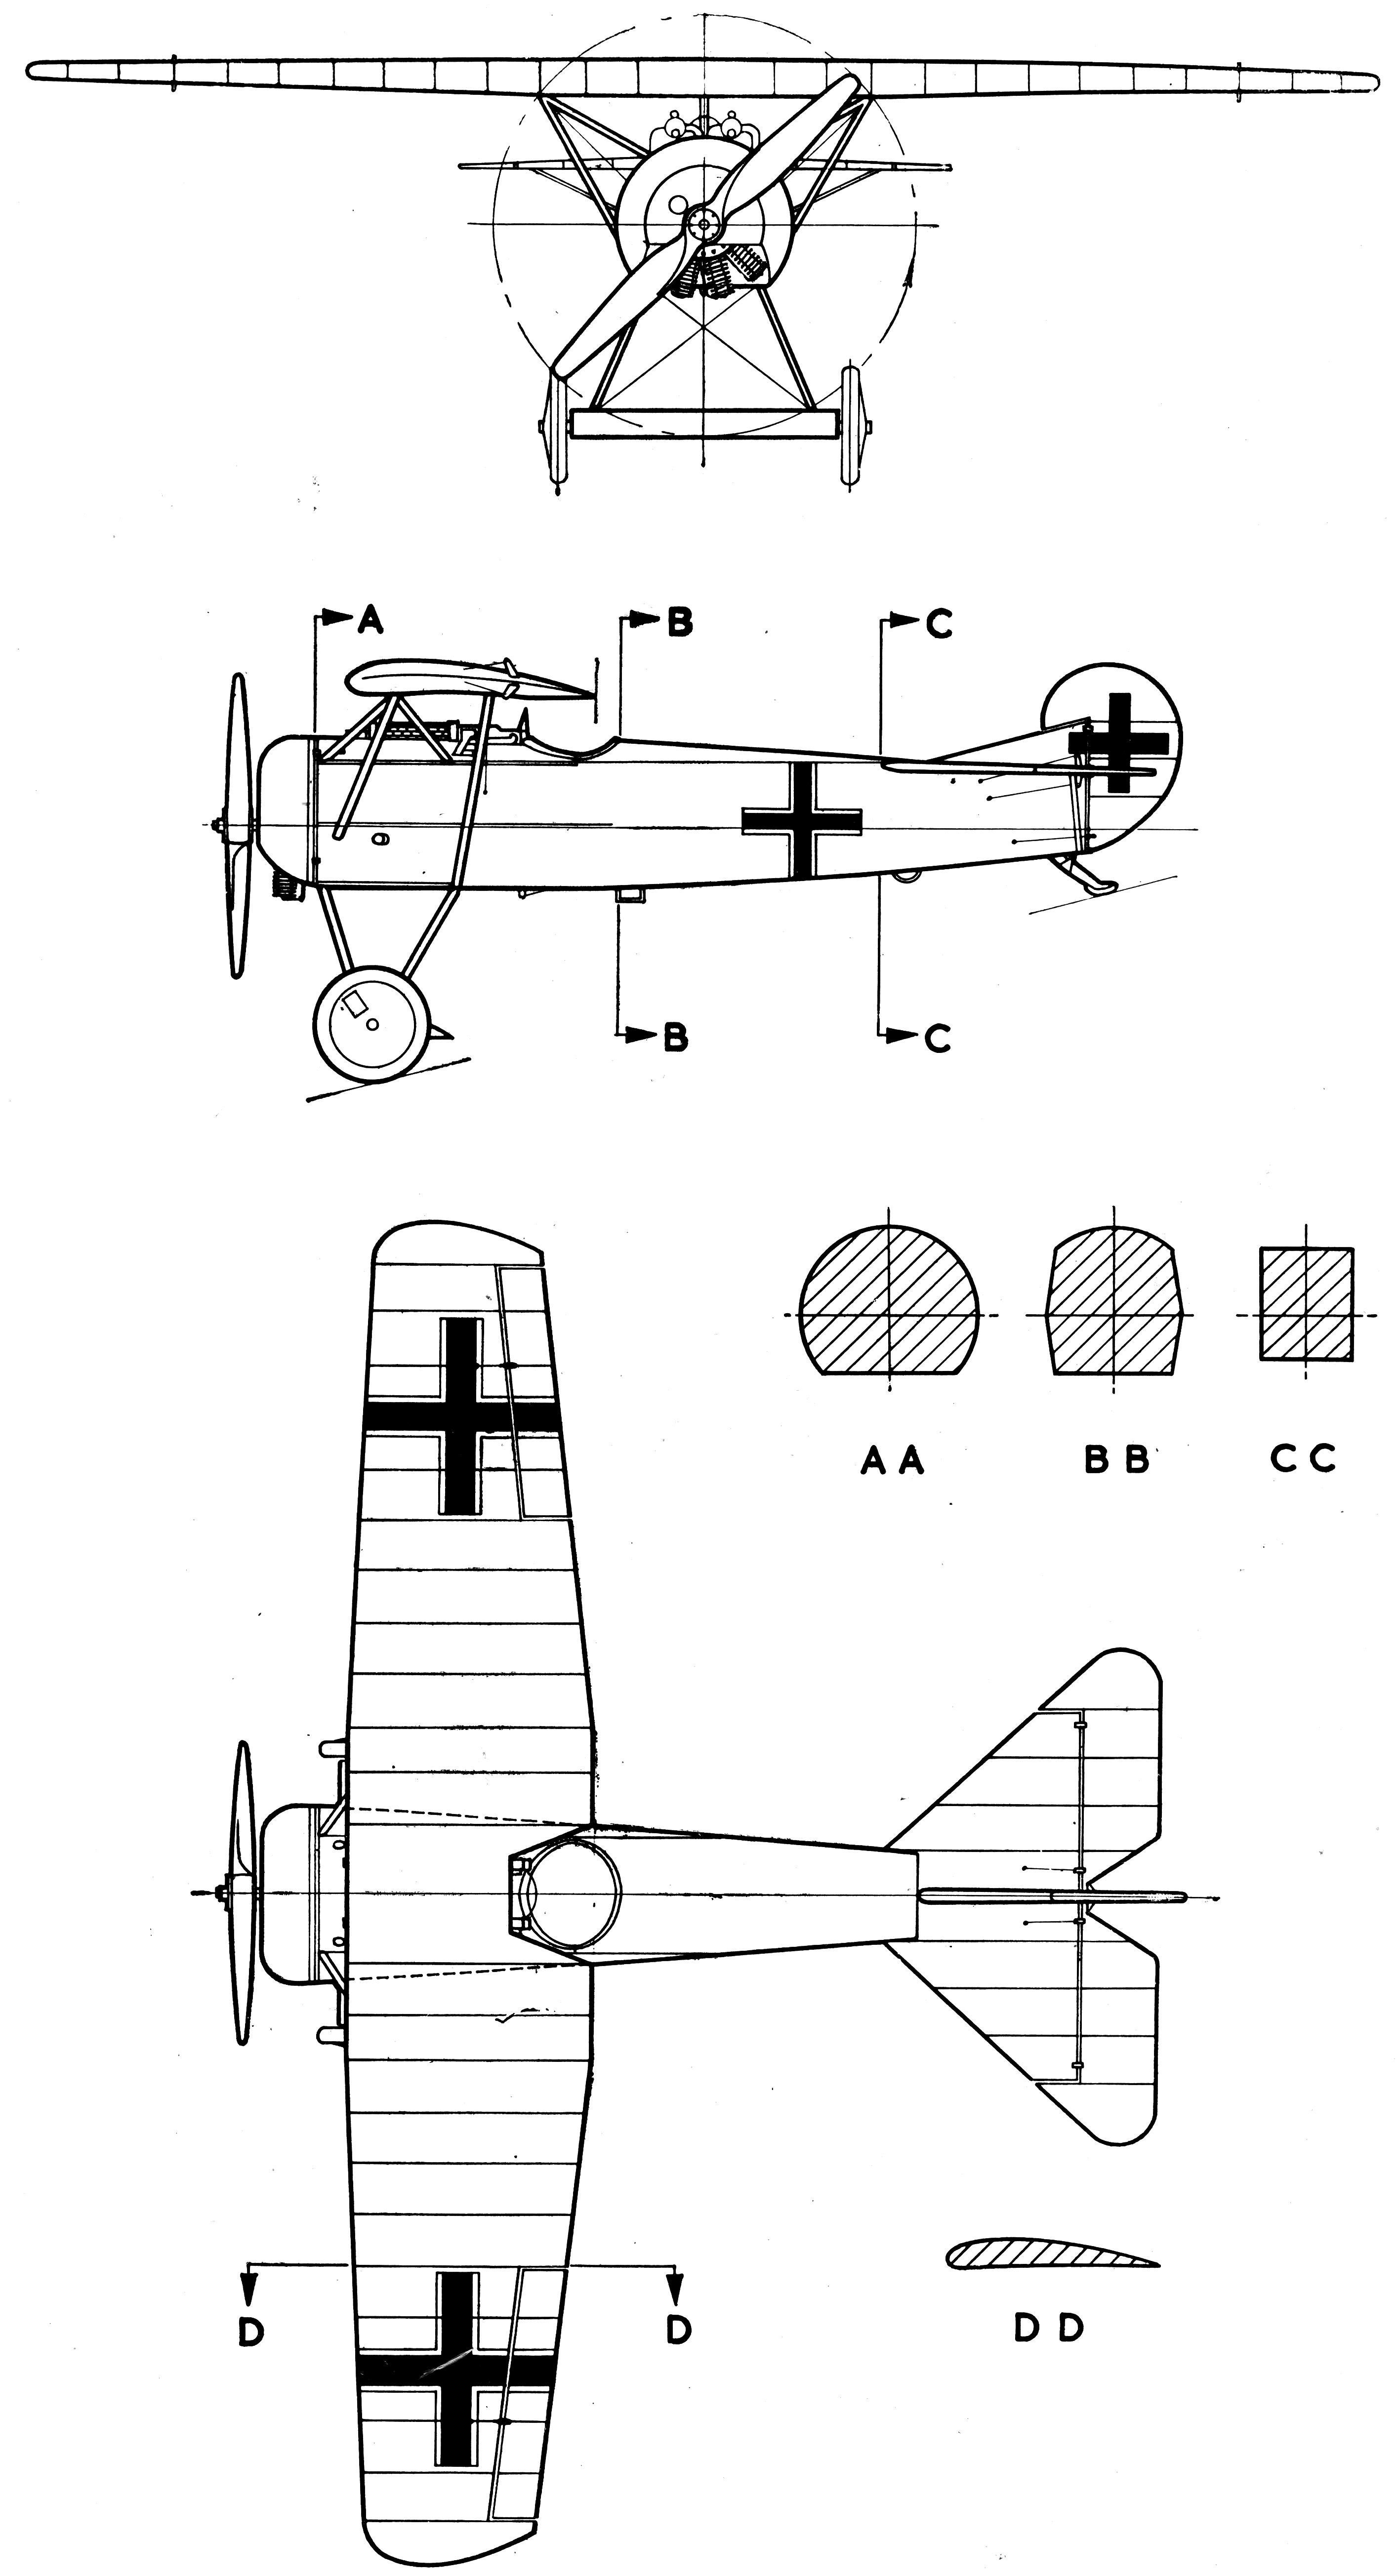 Fokker Dii Blueprint